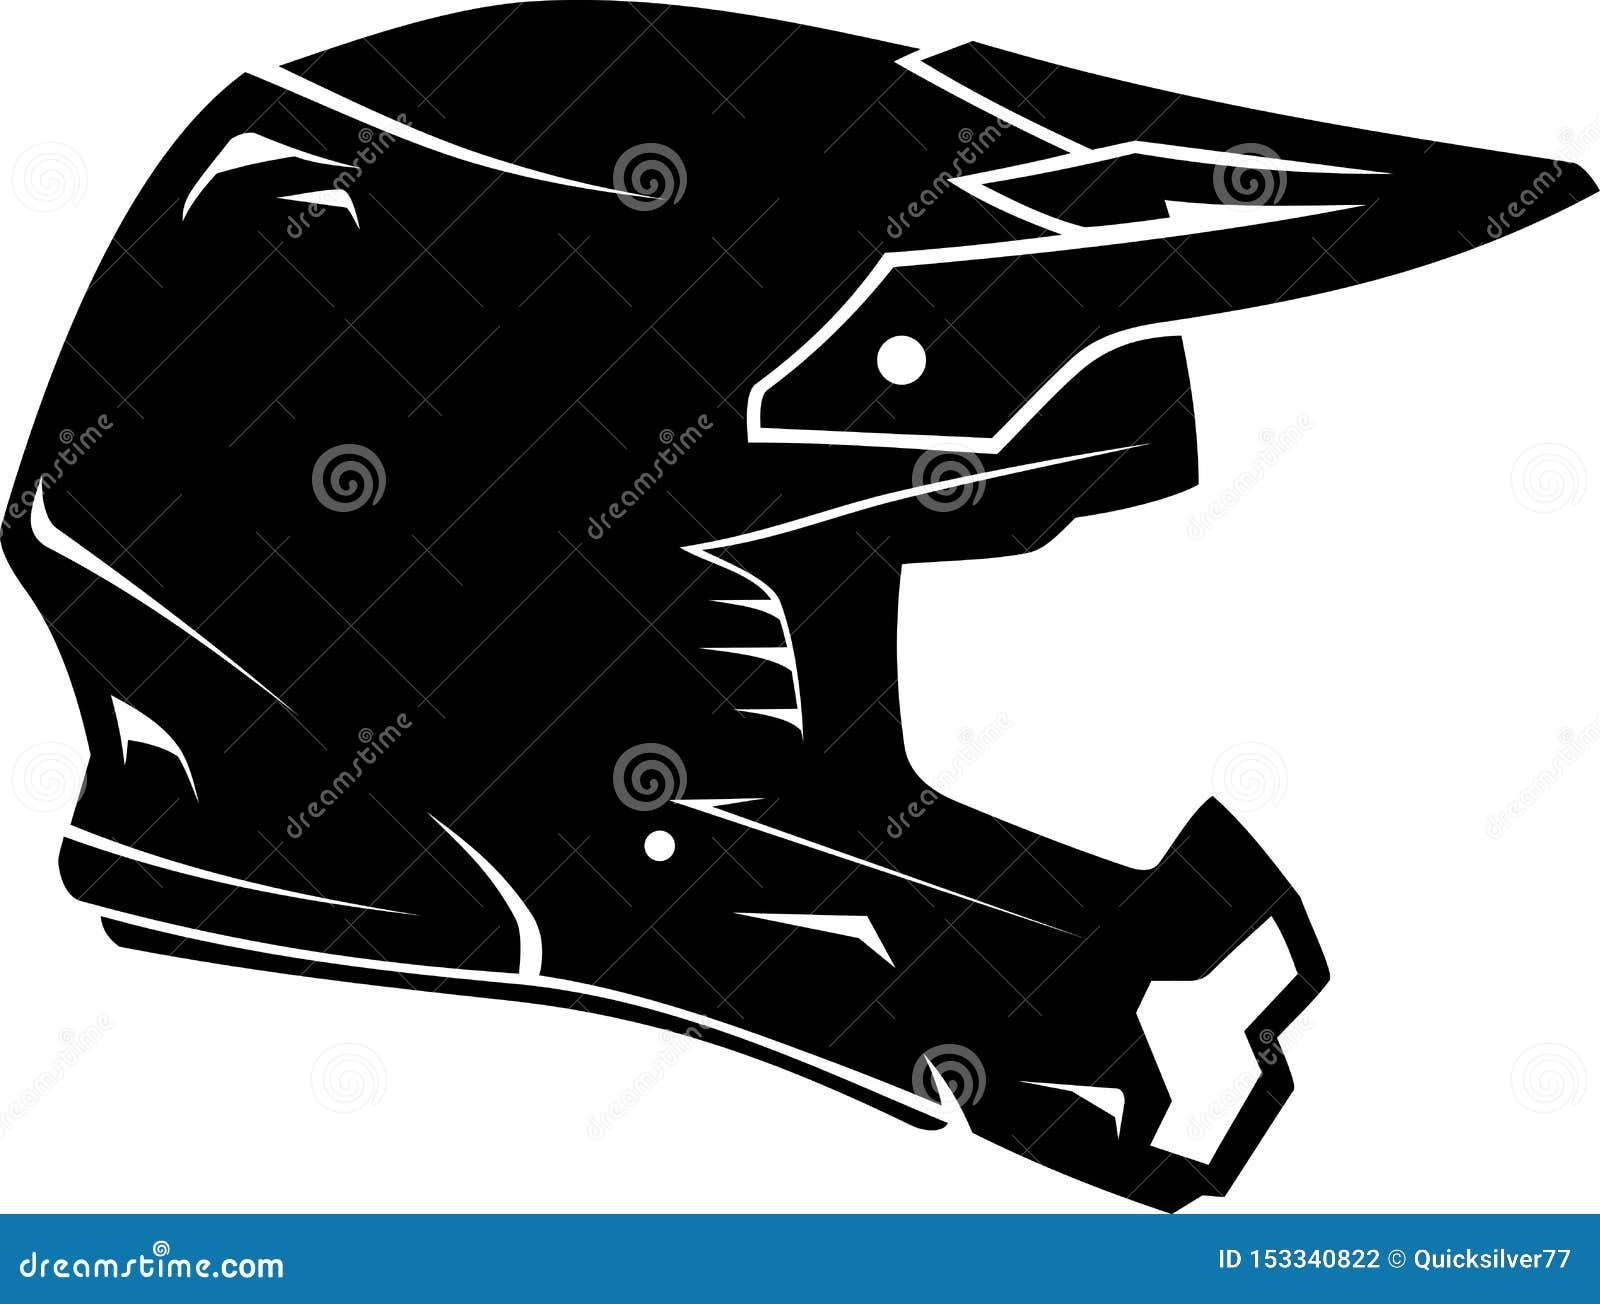 Dirt Bike Helmet Silhouette Stock Vector Illustration Of Object Gear 153340822